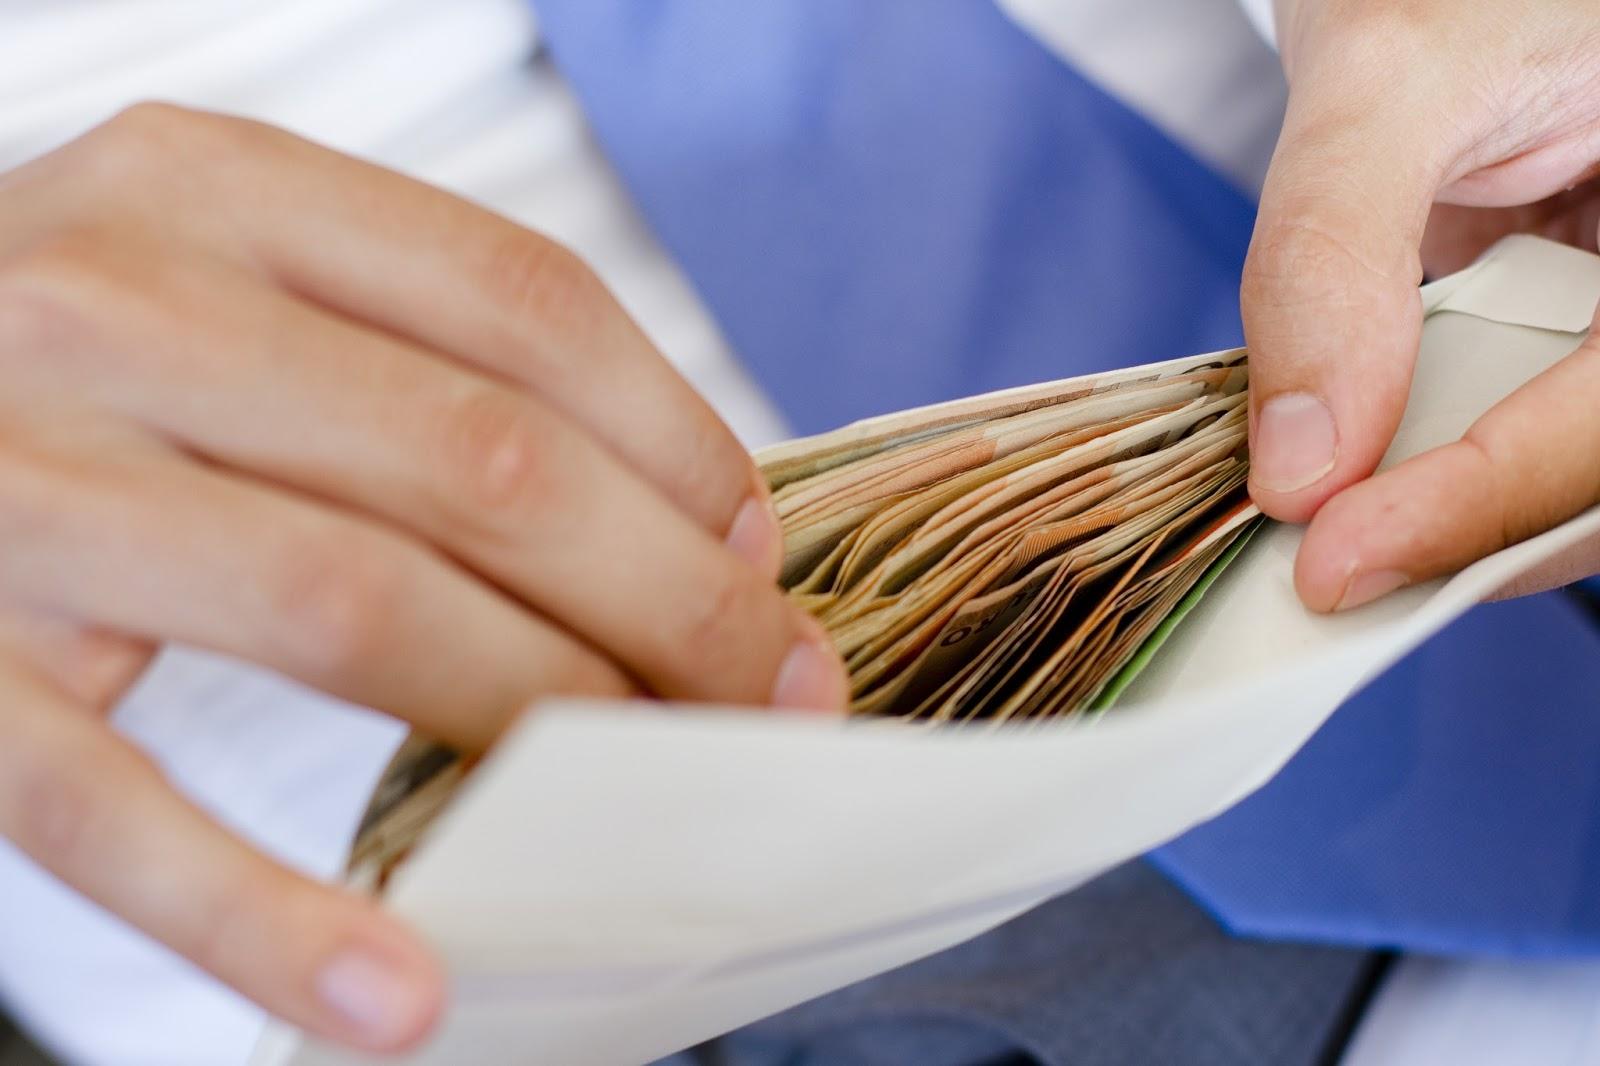 Жалоба в налоговую инспекцию на работодателя за черную зарплату